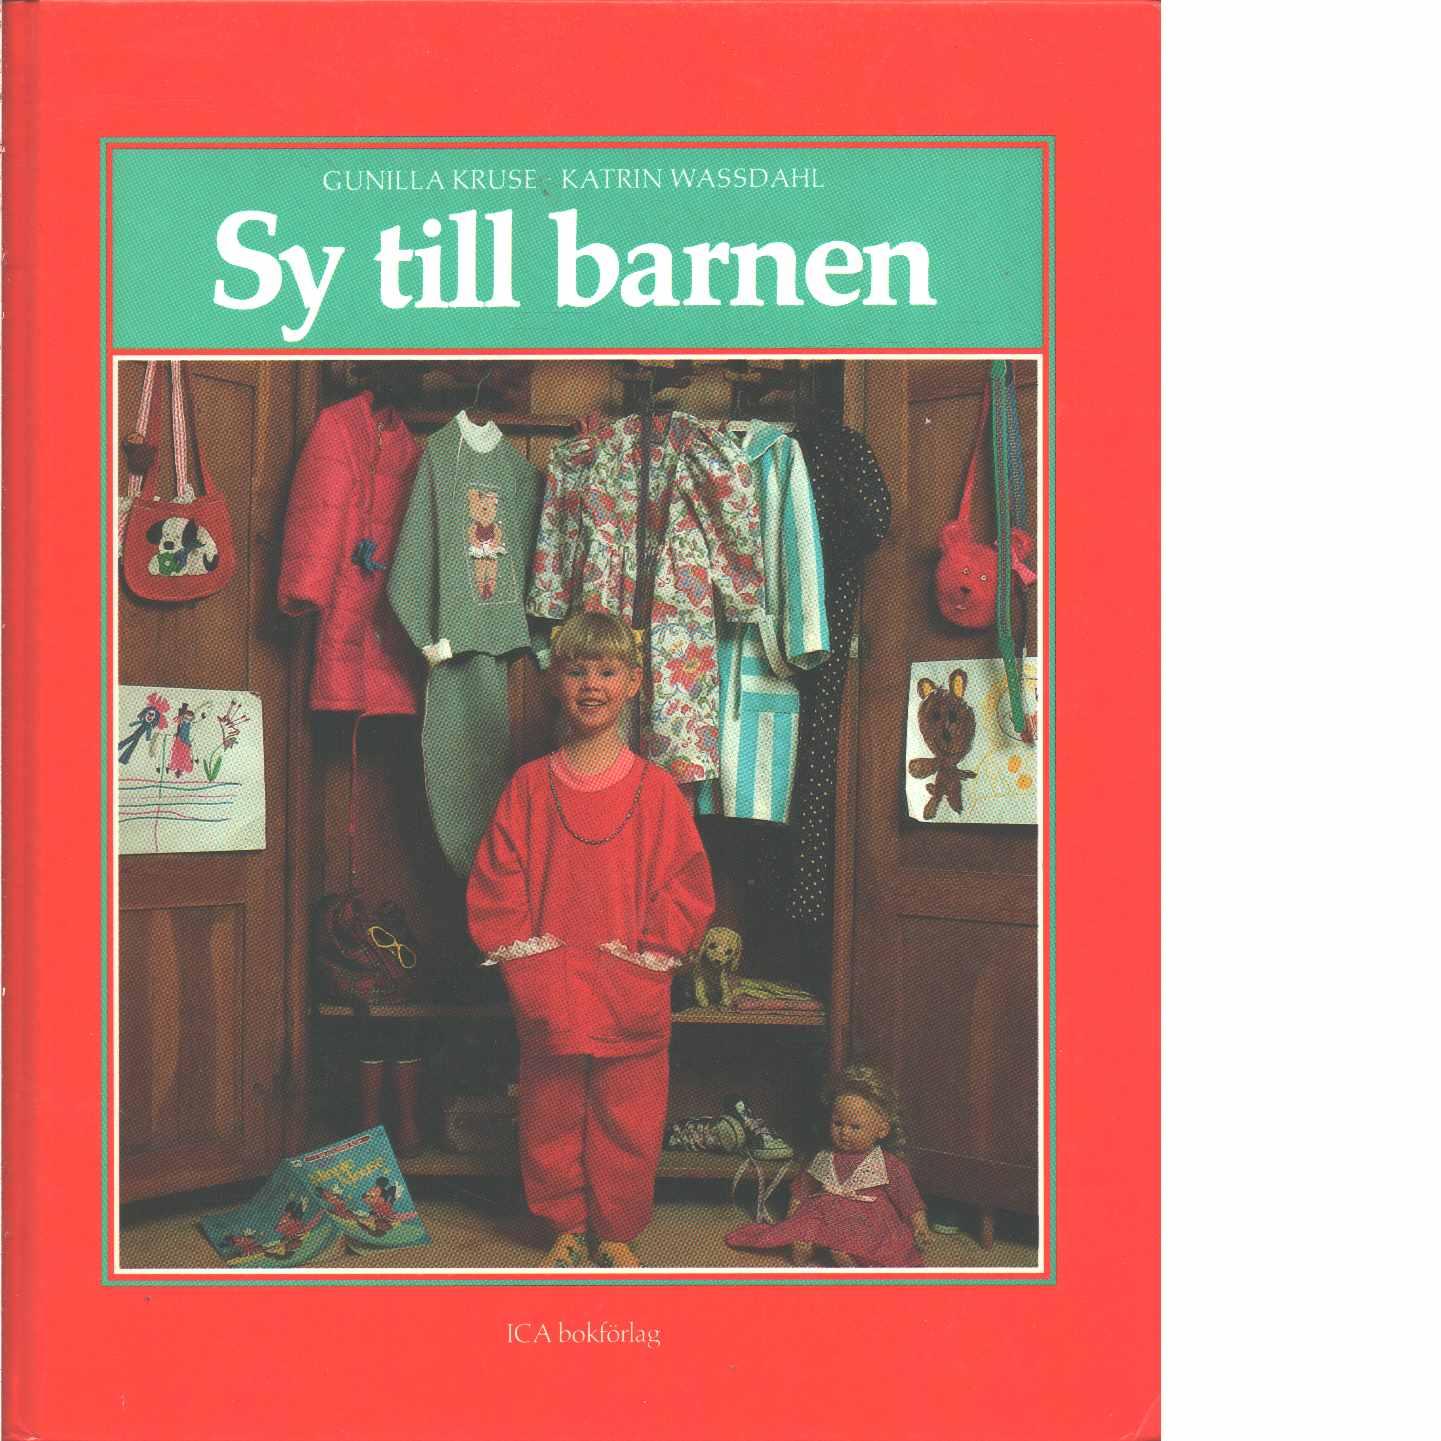 Sy till barnen : 110-152 cm - Kruse, Gunilla och Wassdahl, Katrin